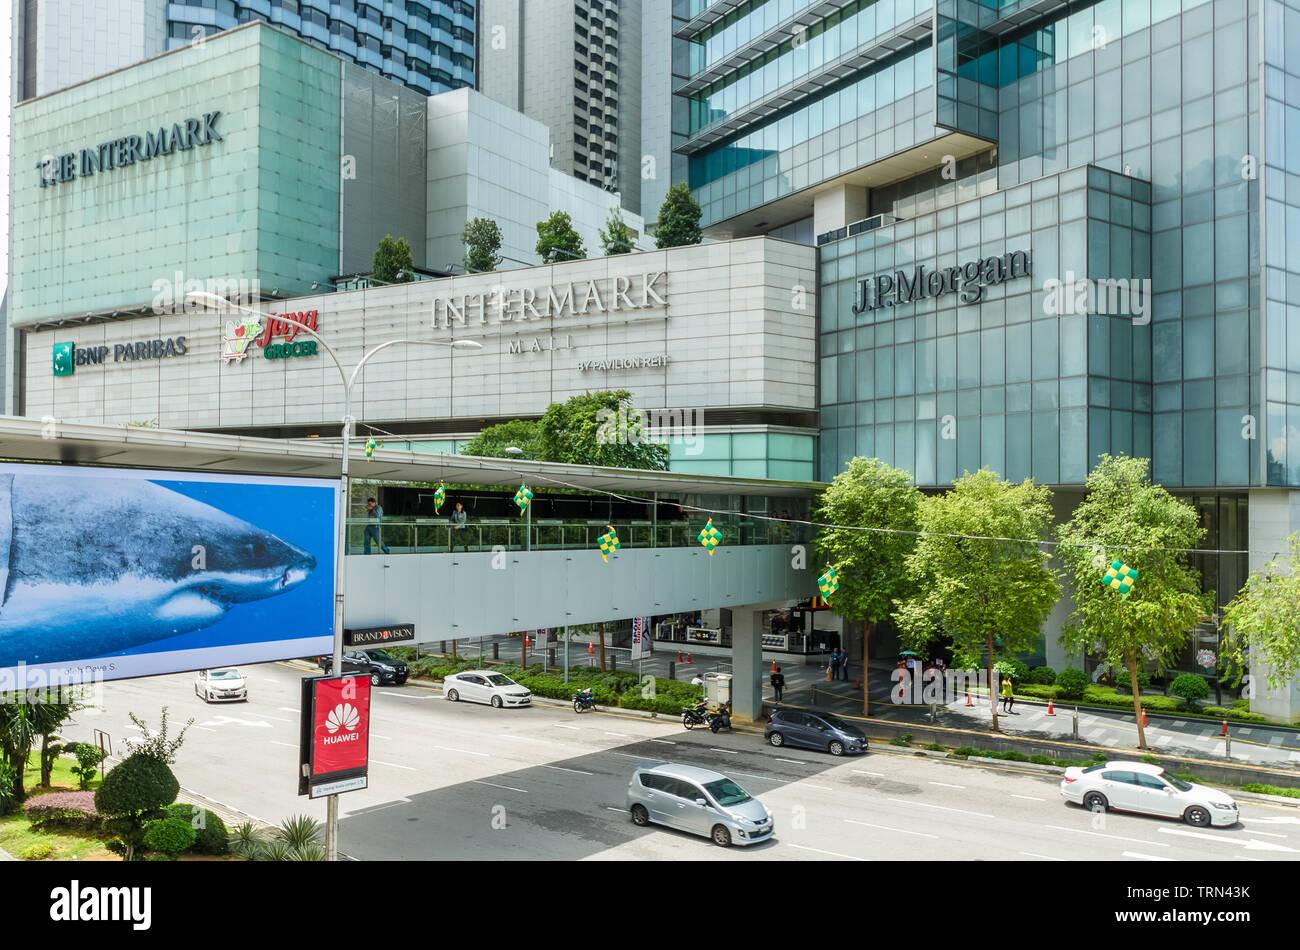 Kuala Lumpur,Malaysia - June 7,2019 : Scenic view of the Intermark Mall Kuala Lumpur,people can seen exploring around it. Stock Photo